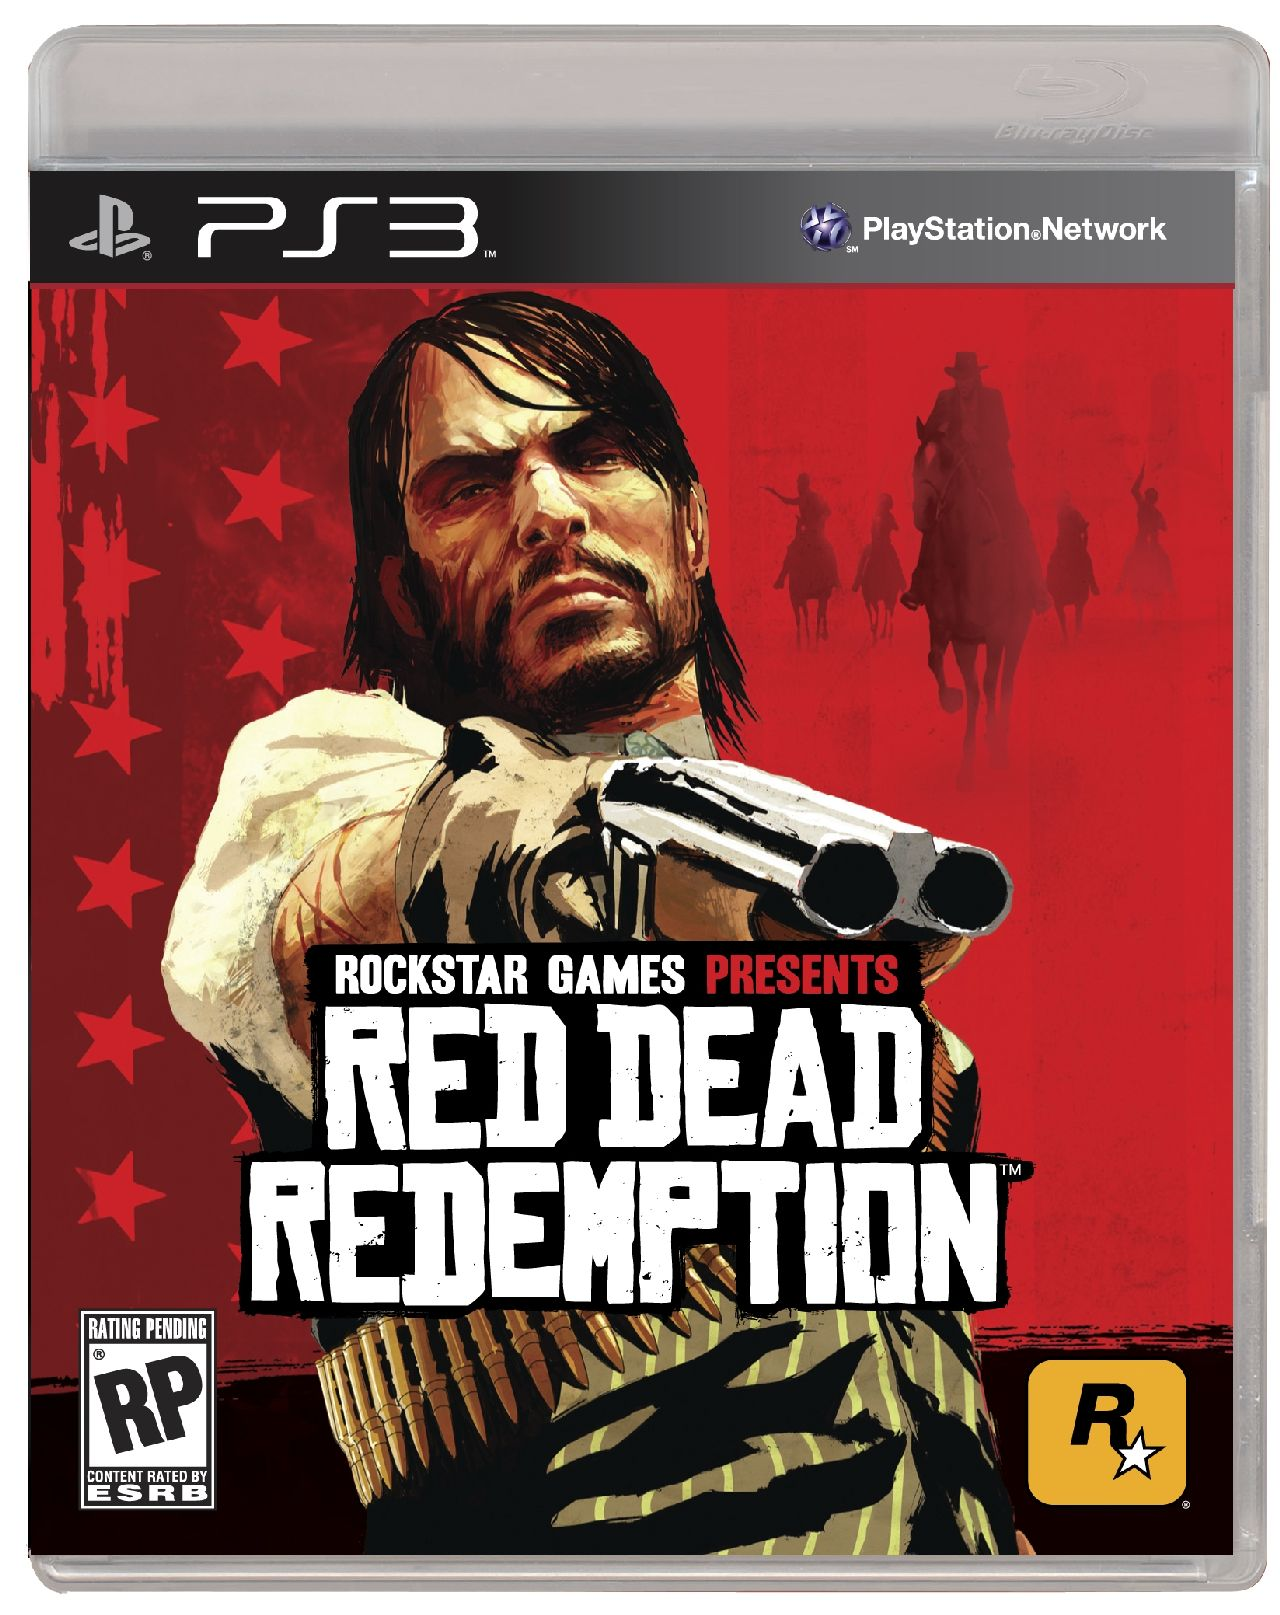 [Post Oficial] -- Red Dead Redemption -- ¿Edición GOTY para Septiembre? - Página 2 Image002-noscale